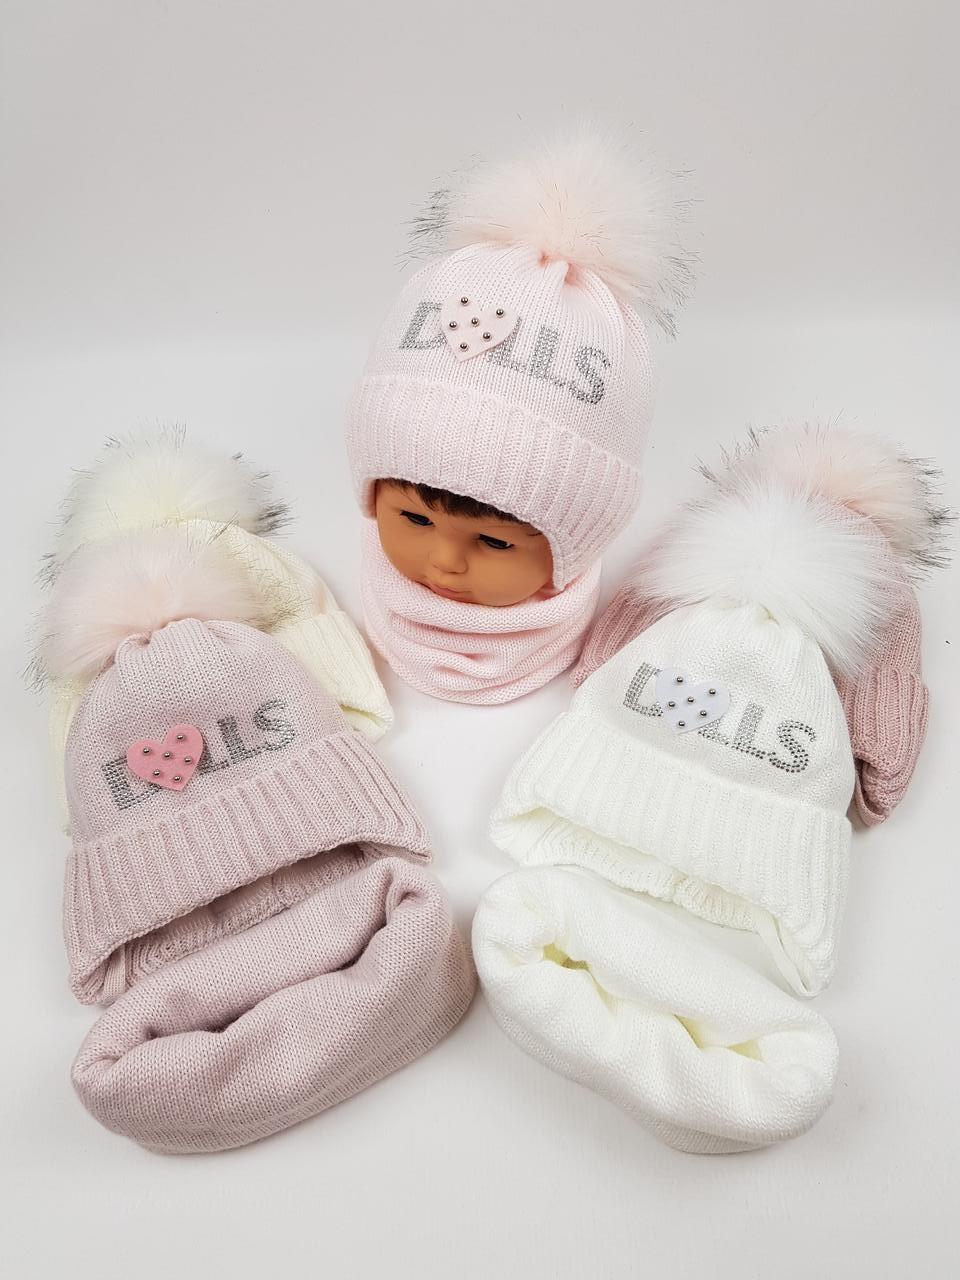 Дитячі польські зимові в'язані шапки на флісі з завязками і помпоном оптом для дівчат, р.46-48, Ambra